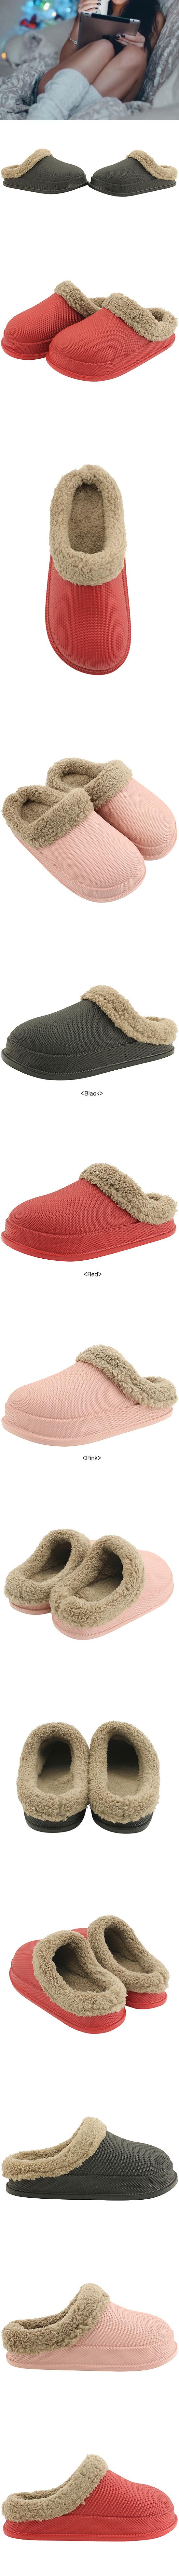 Waterproof Winter Shoes Couple Fleece Slippers Black